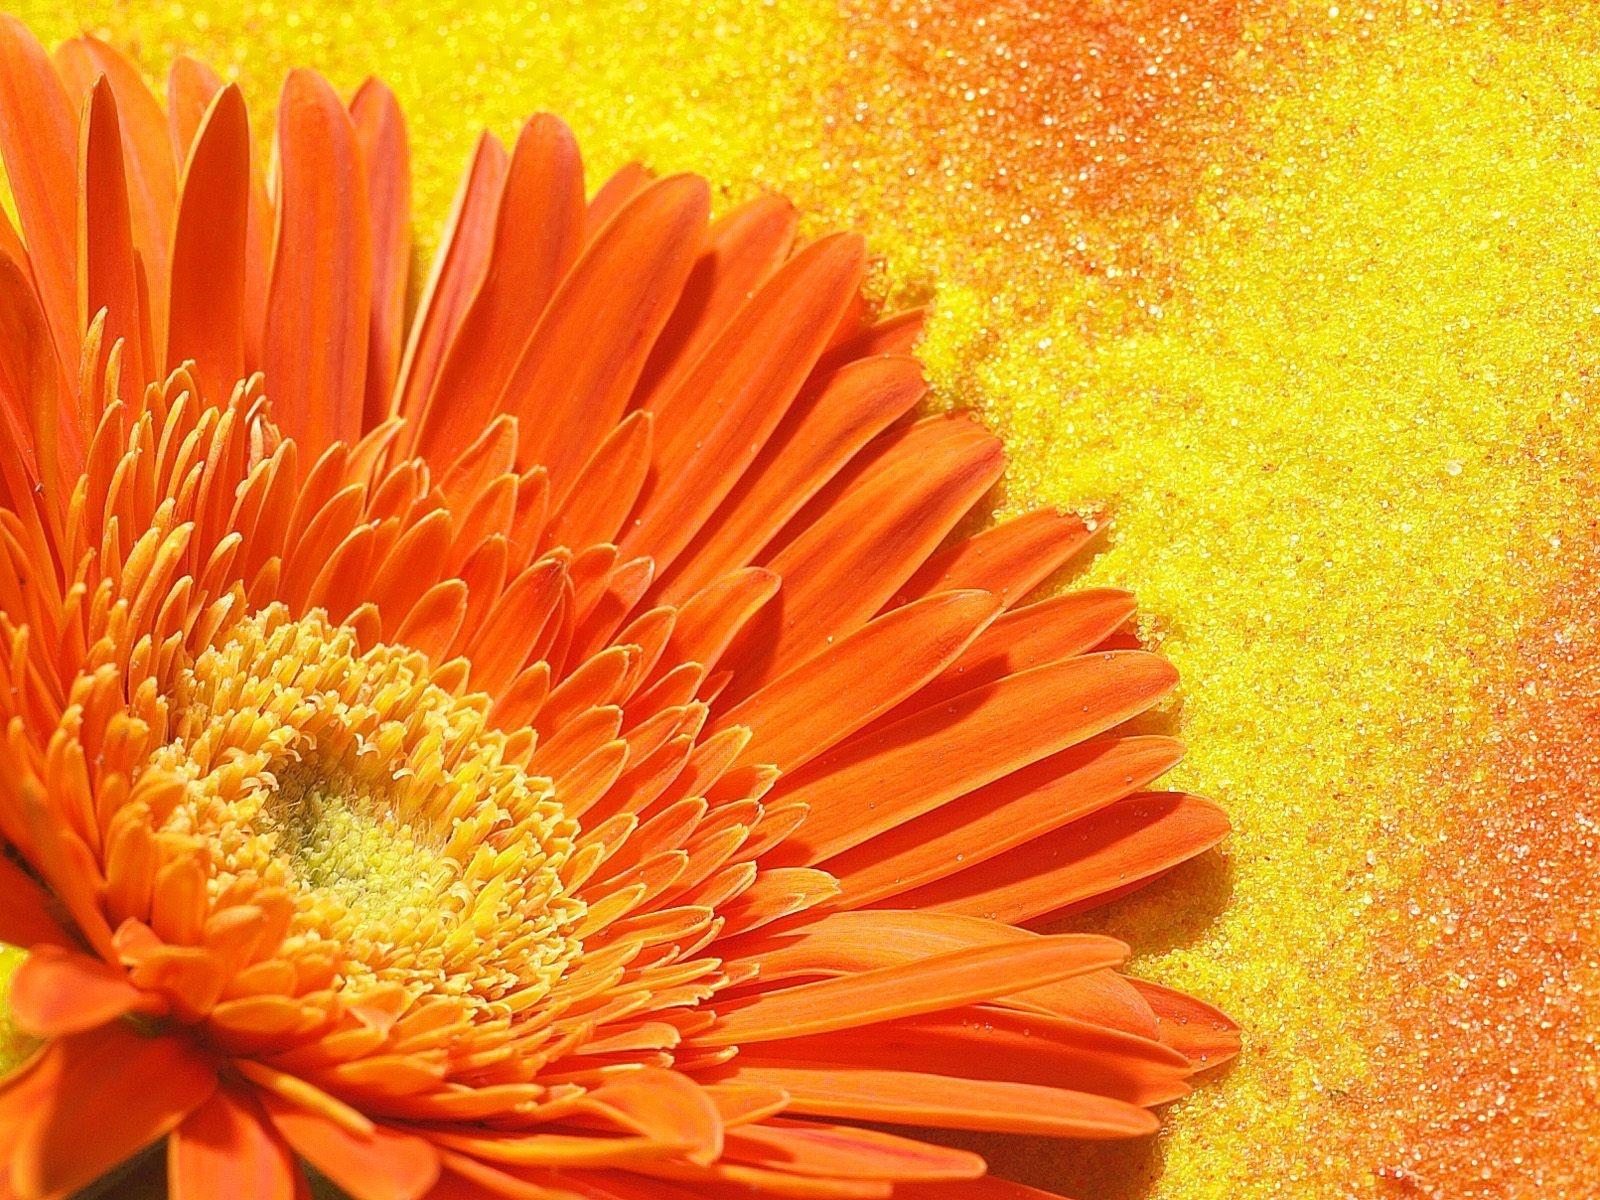 оранжево-красный цветок скачать